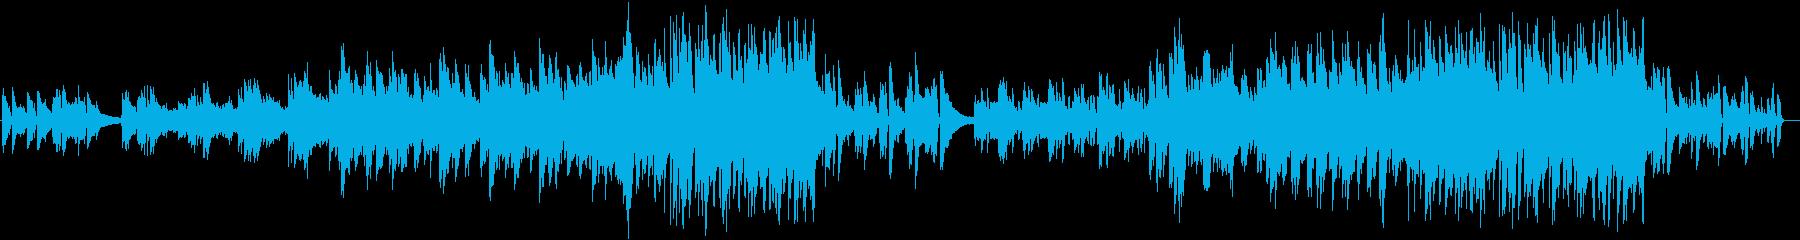 ピアノソロの感動的なバラードの再生済みの波形